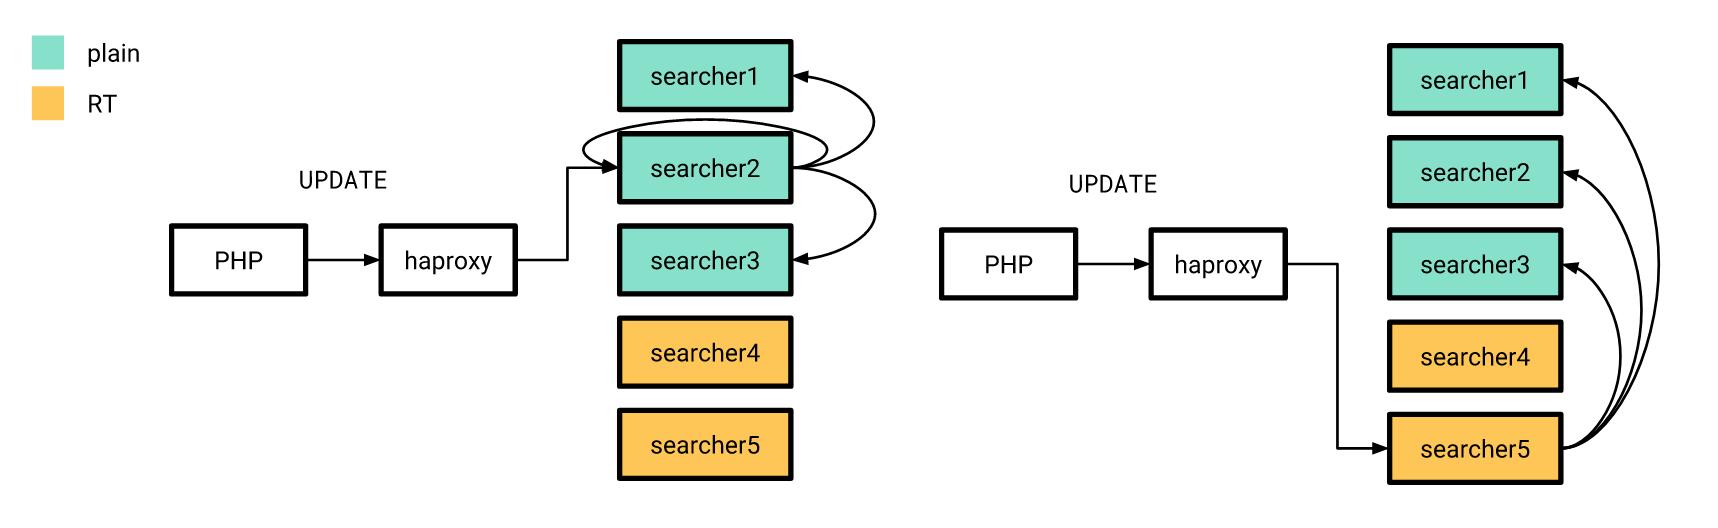 Схема рассылки обновлений во время перехода